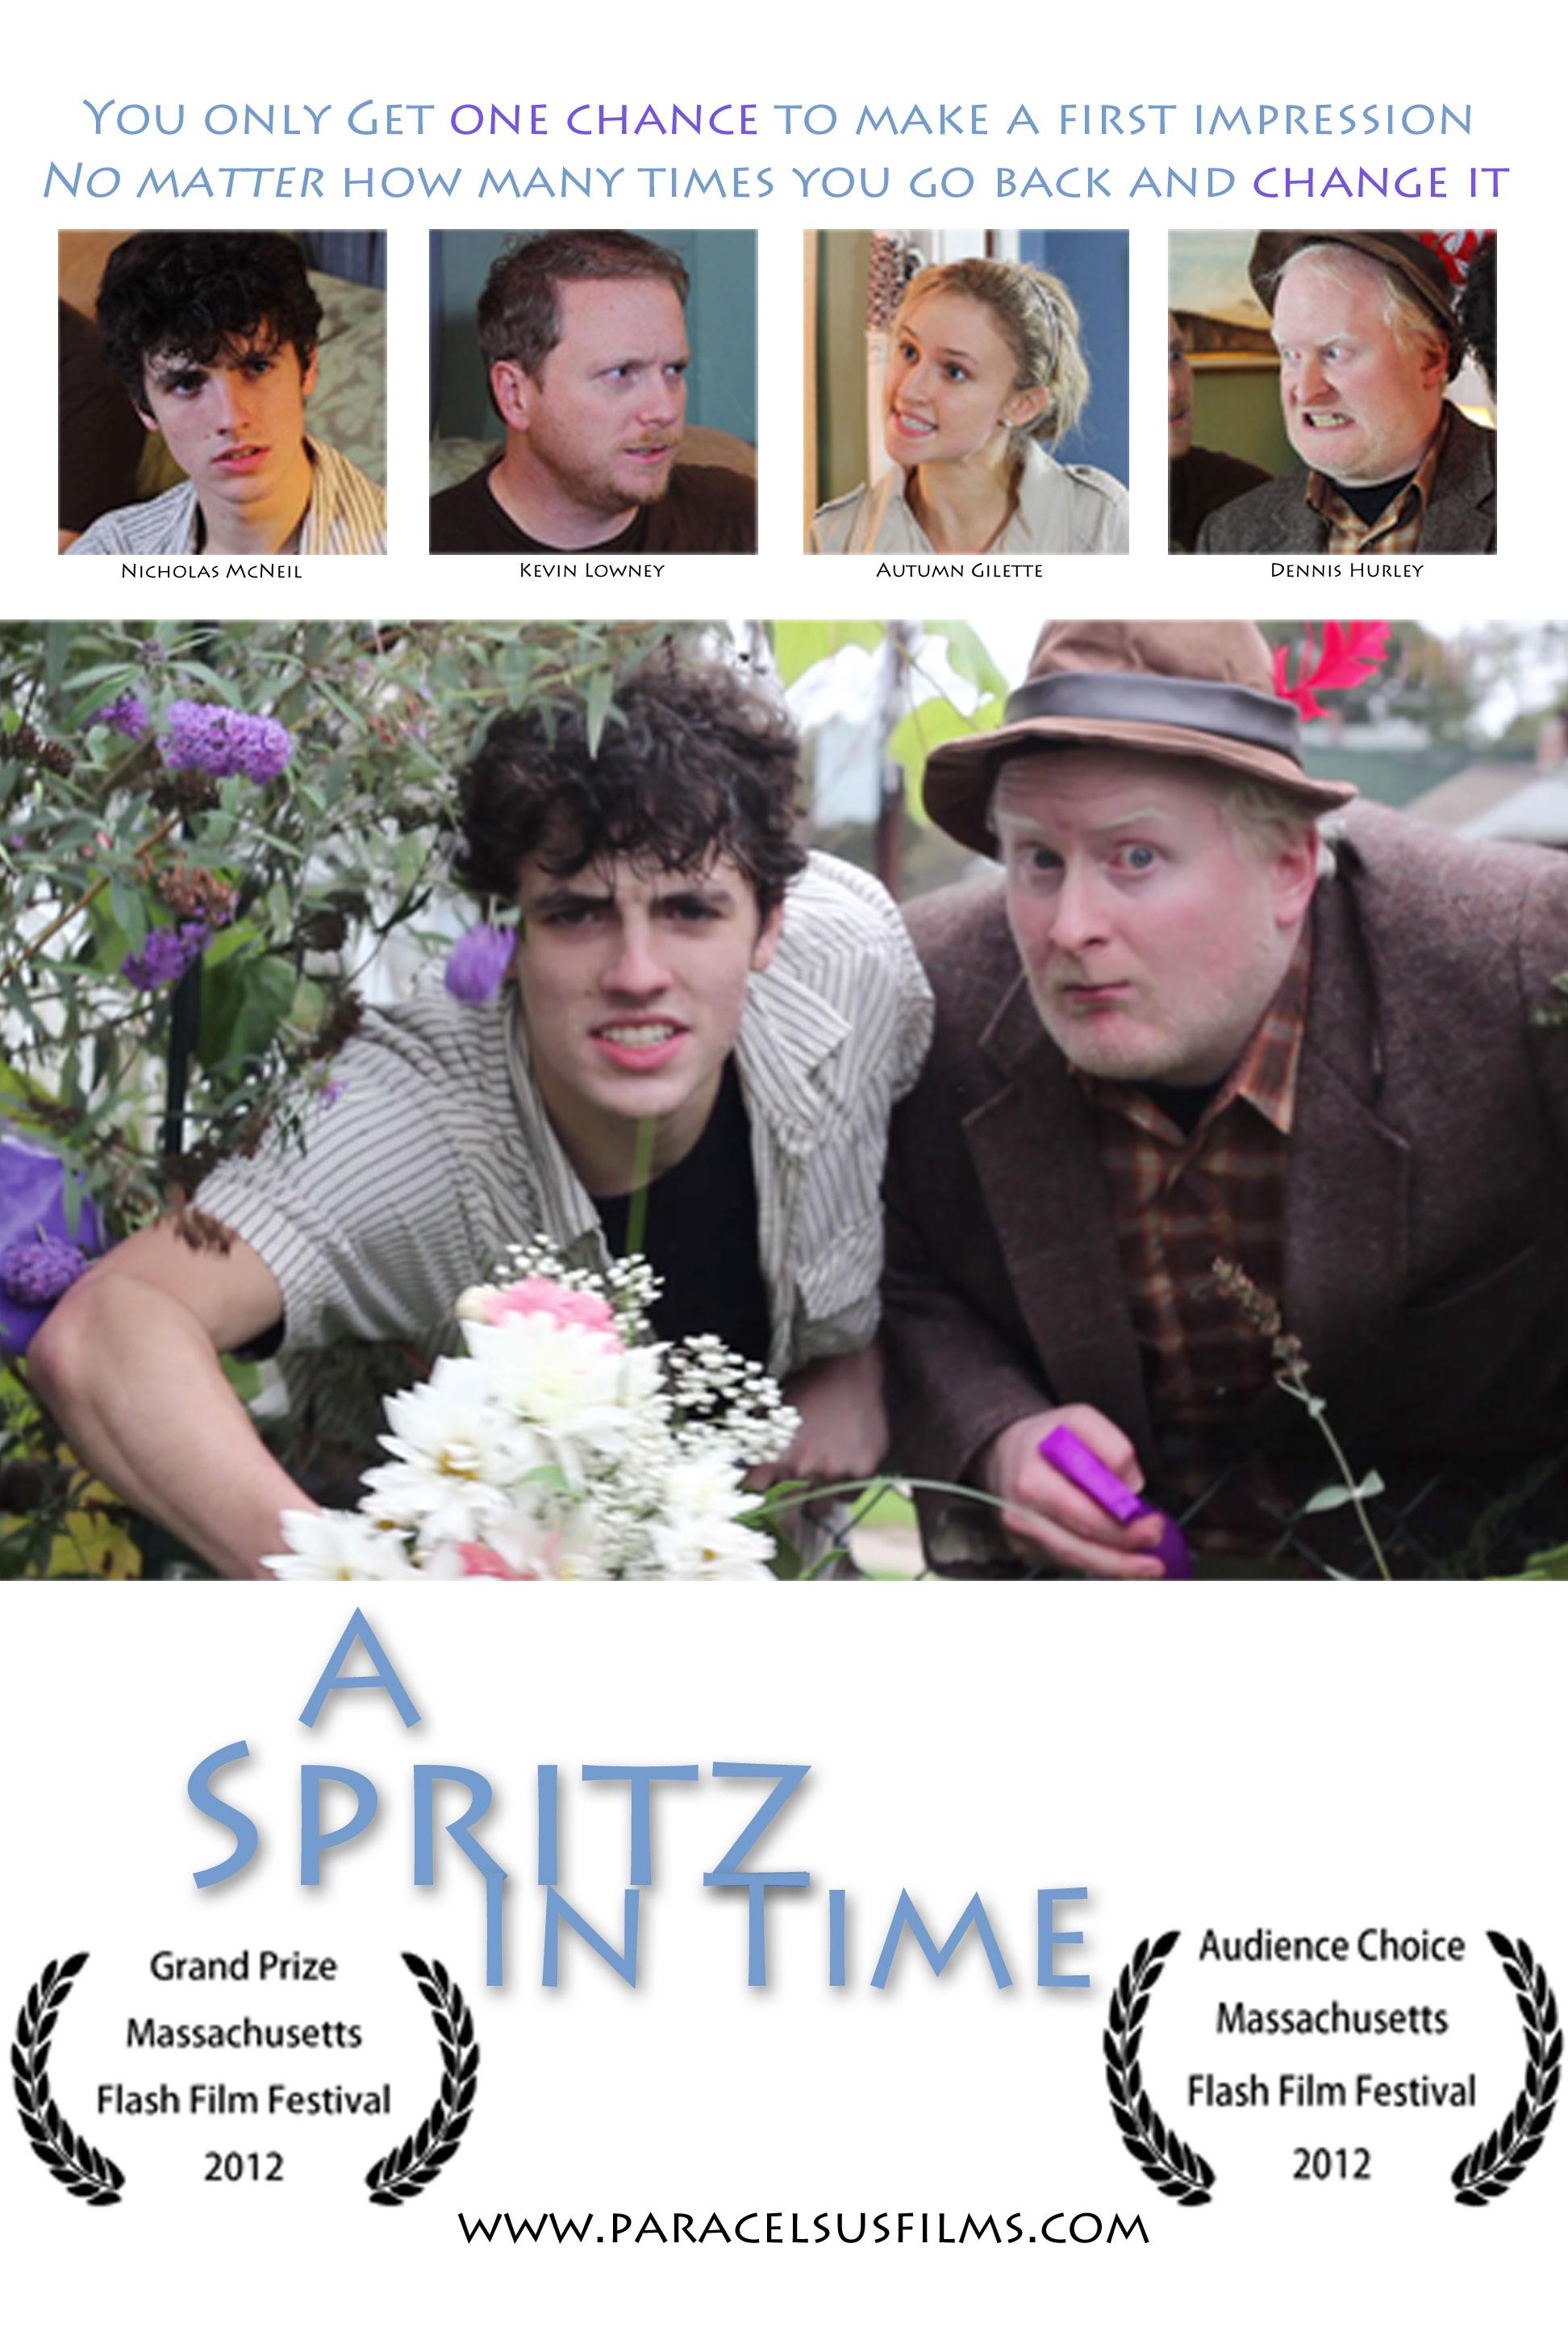 Paracelsus Films Presents A Spritz In Time